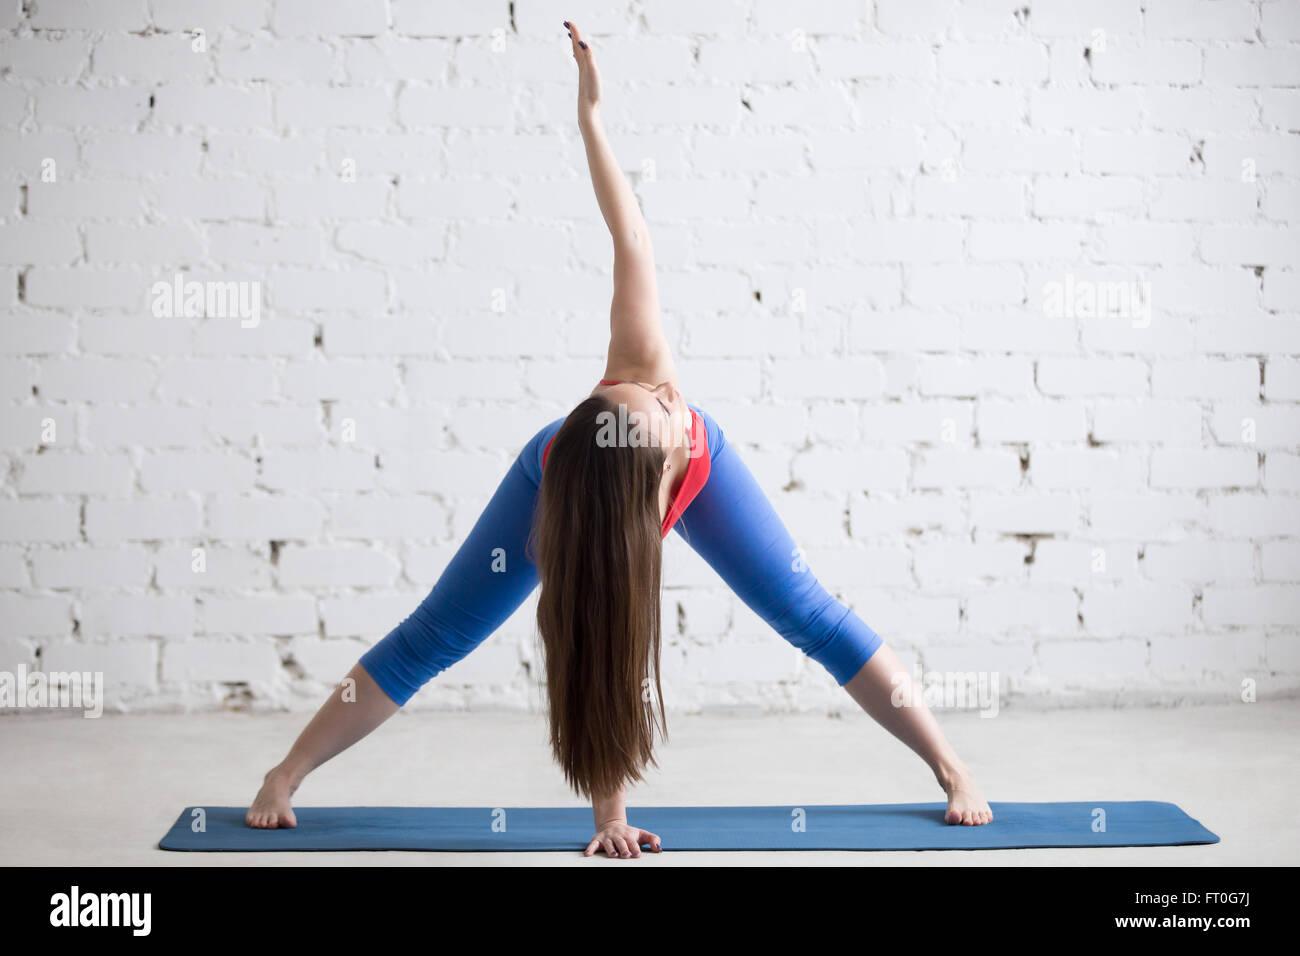 Hermosa joven en brillante colorido sportswear trabajando adentro en loft interior sobre alfombra azul Imagen De Stock